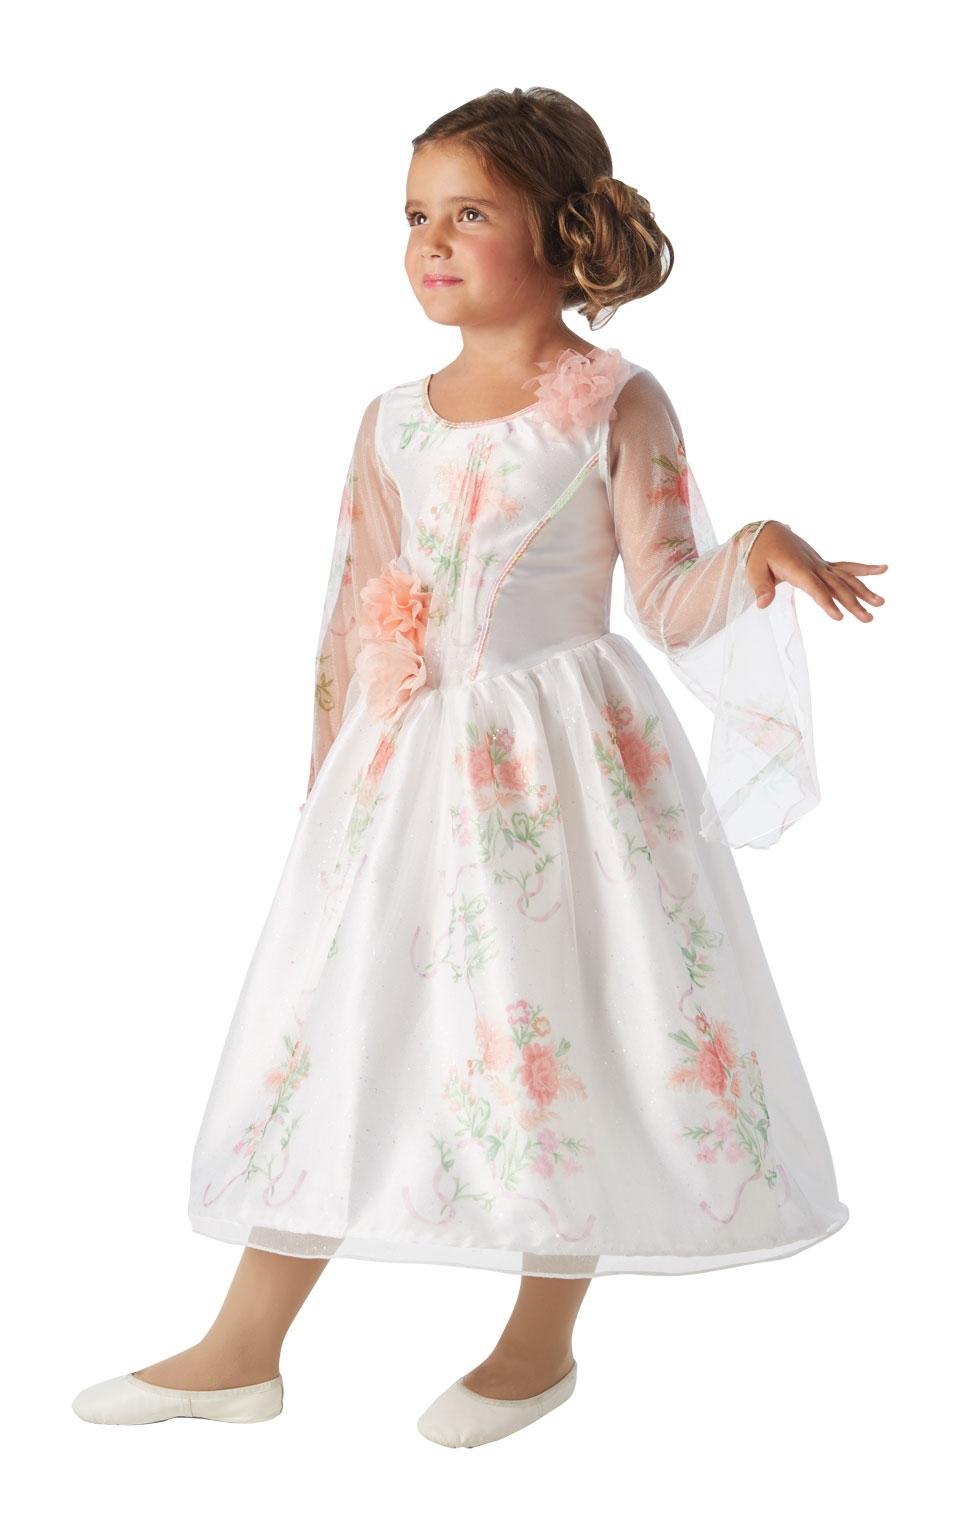 Бальное платье Белль Disney (26-28) купить бальное платье для девочек